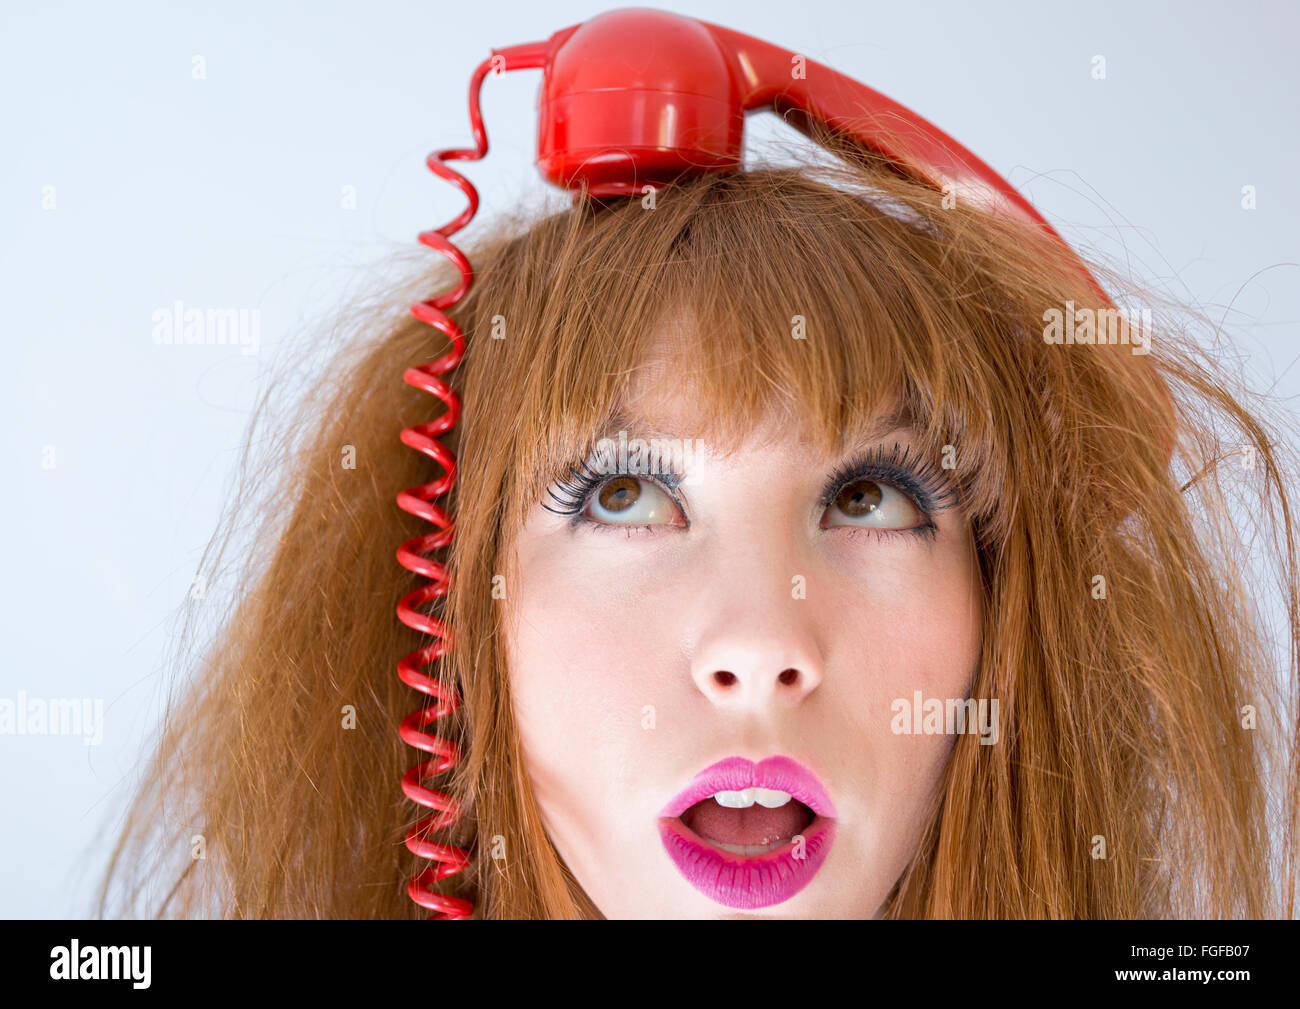 Femme avec un combiné téléphonique rétro rouge en équilibre sur le haut de la tête Banque D'Images